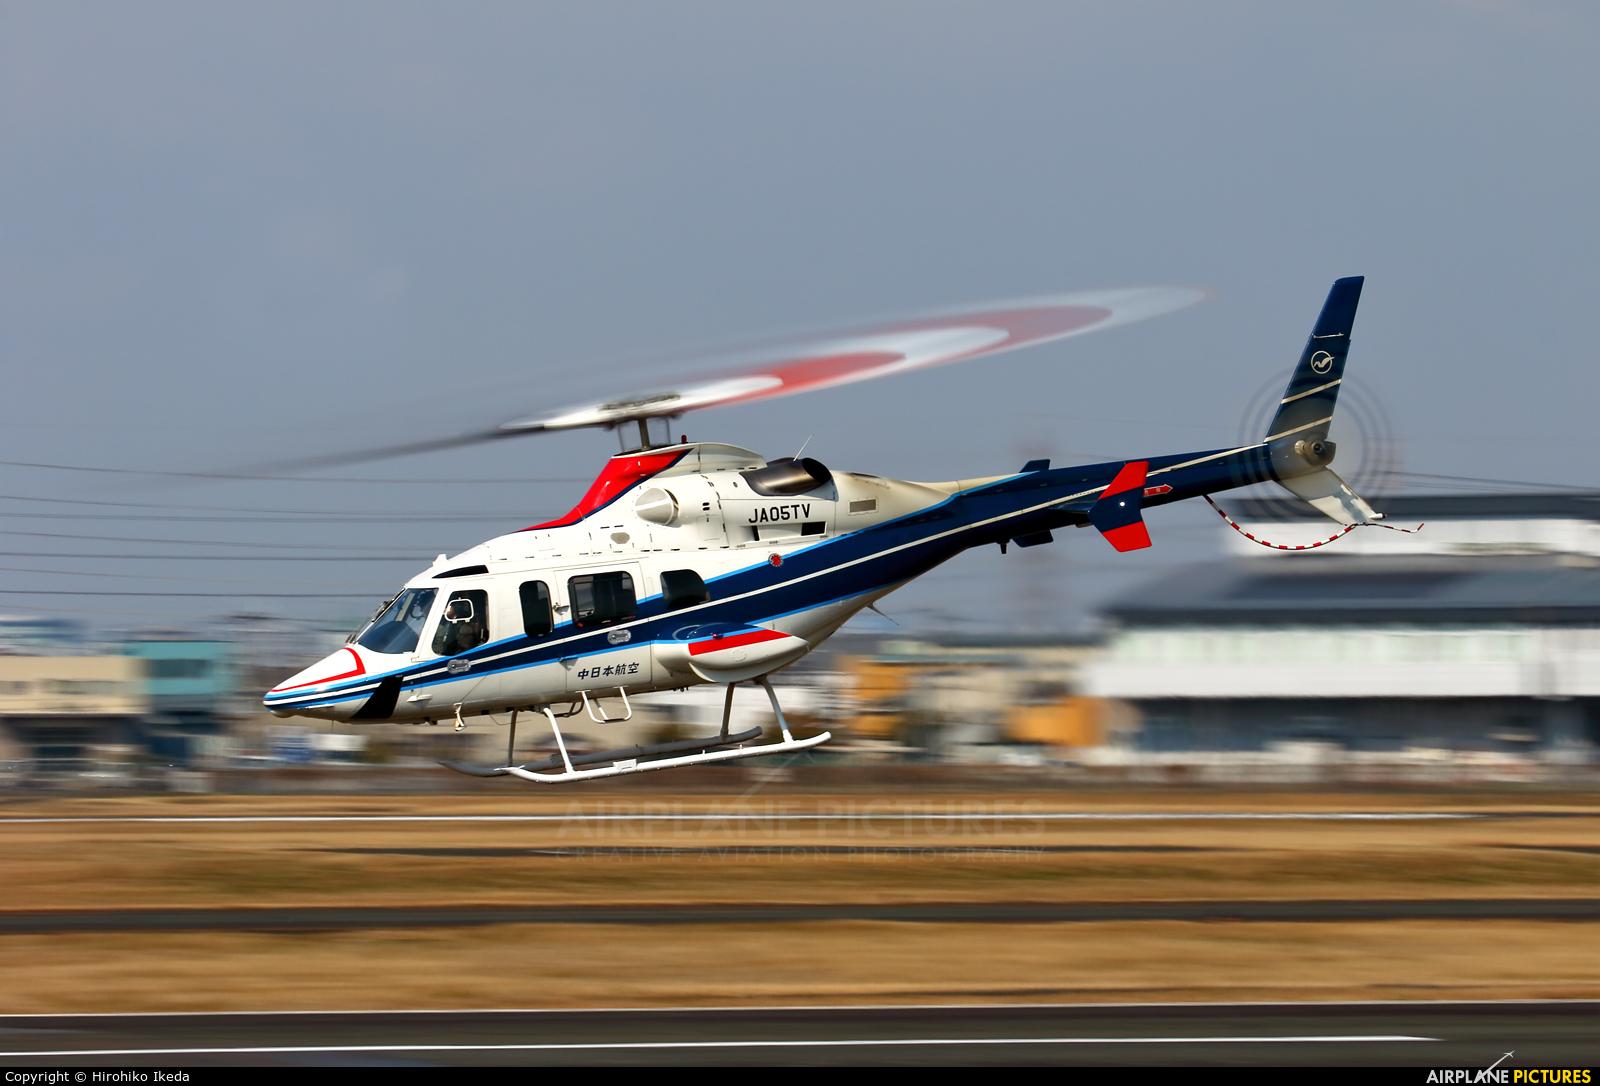 Nakanihon Air Service JA05TV aircraft at Yao